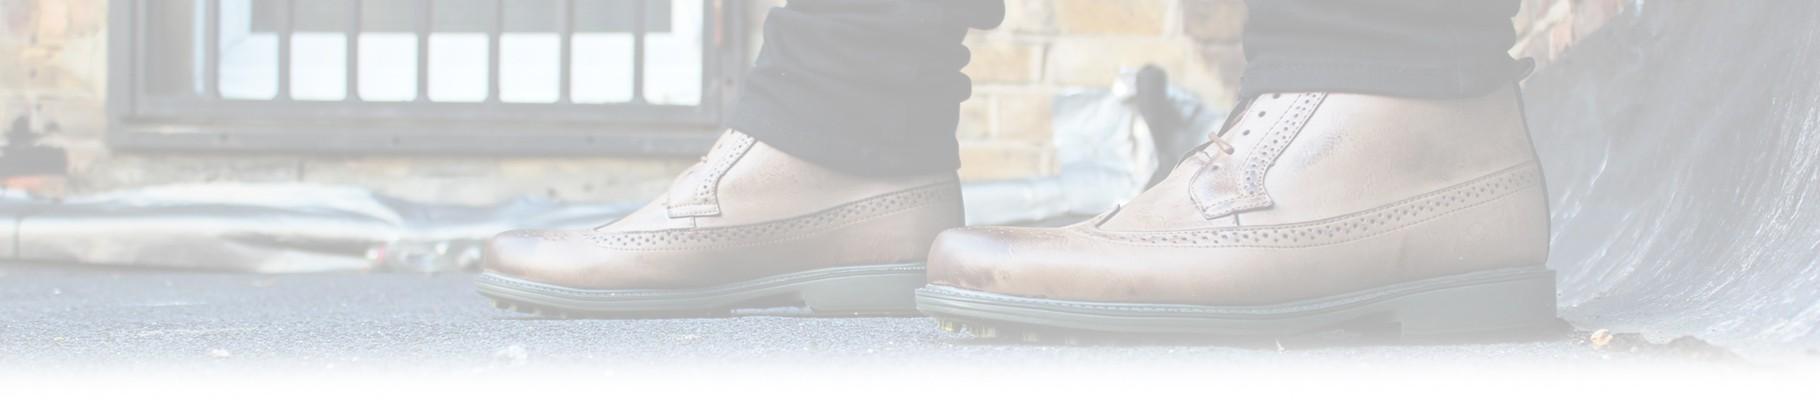 Gli stivali da uomo sono da sempre la scarpa più stilosa e alla moda